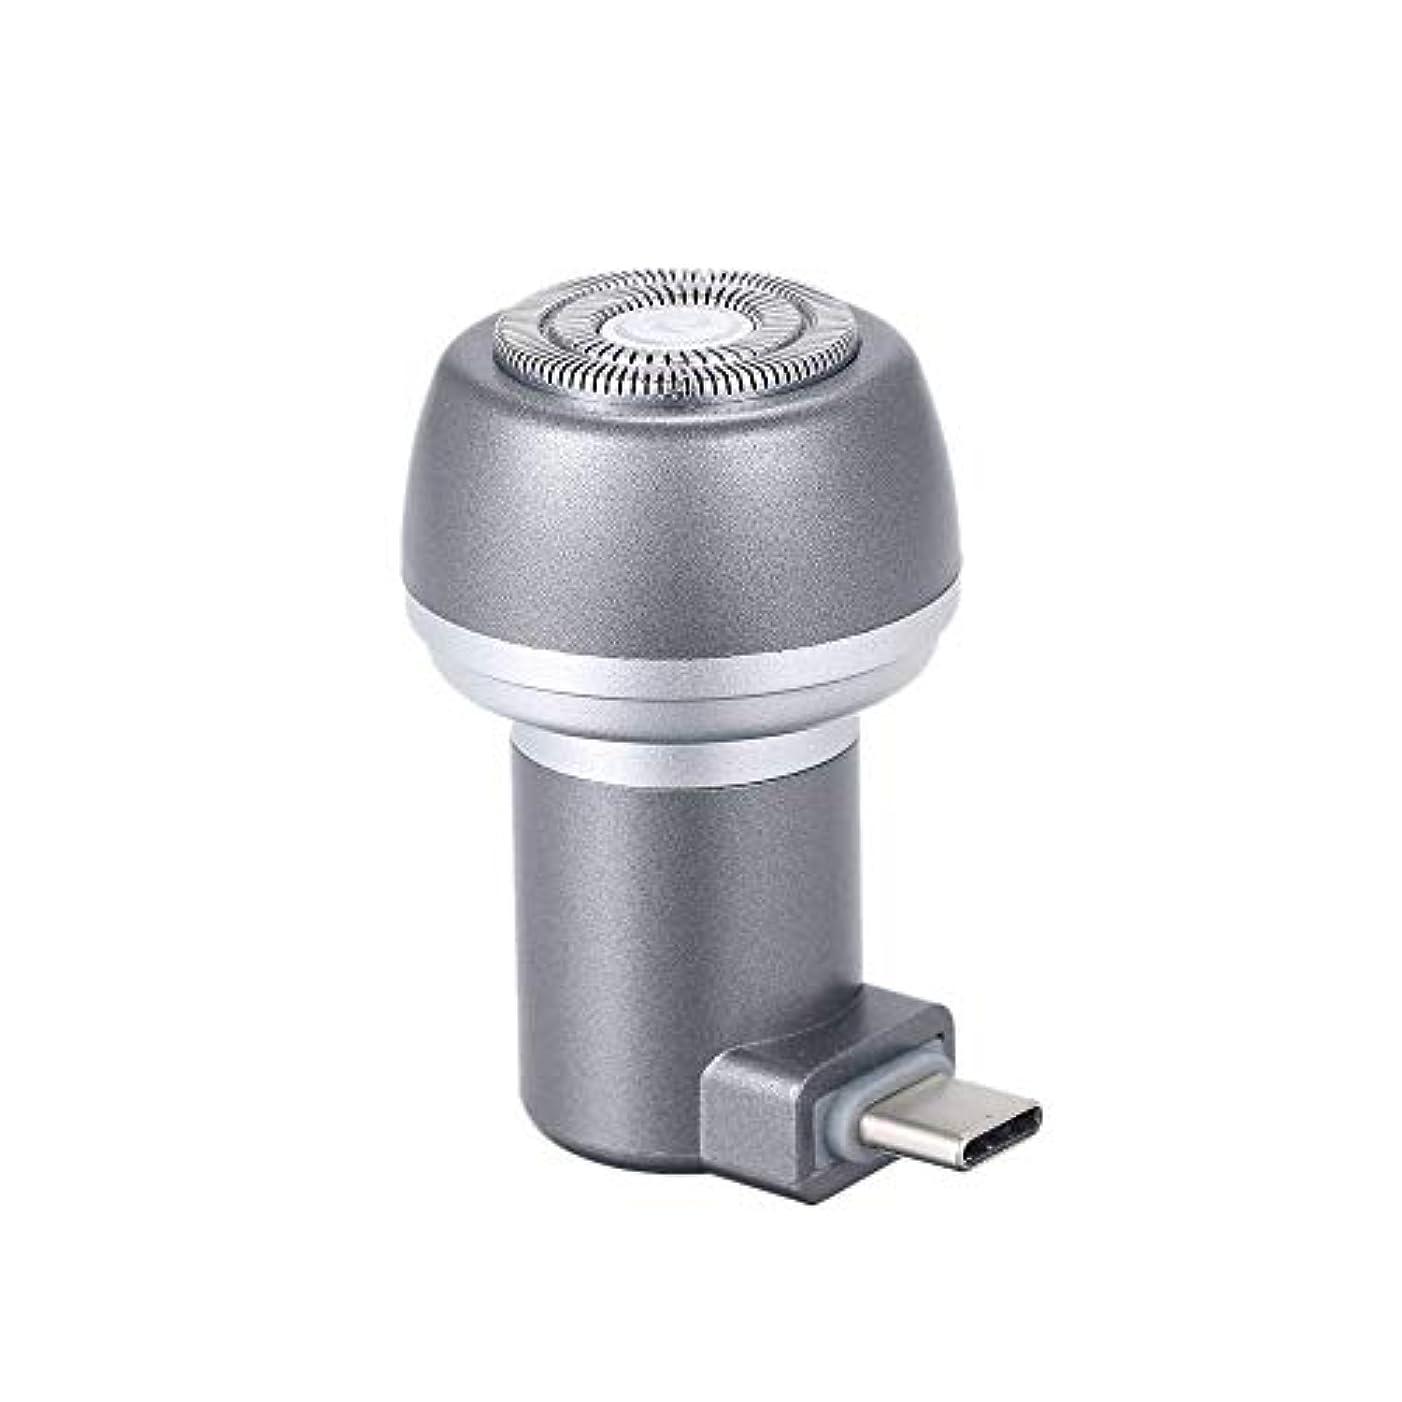 突撃音声レイプXiAnShiYu家庭用 電気 シェーバー 男性用 防水 ウェットドライシェービング USB充電式 グレー タイプC